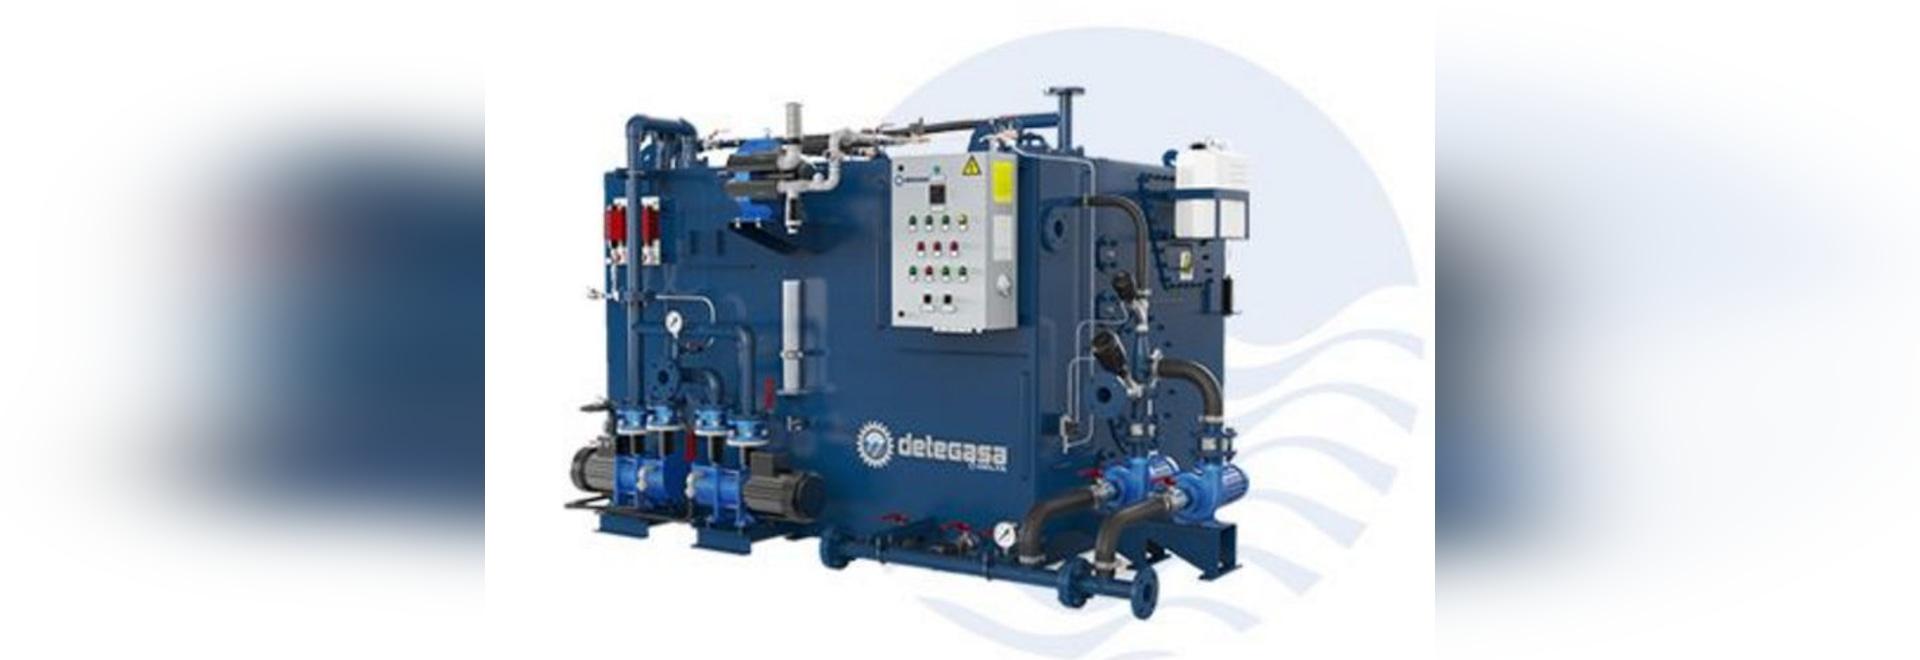 NOUVEAU : système de traitement des eaux résiduaires par DETEGASA